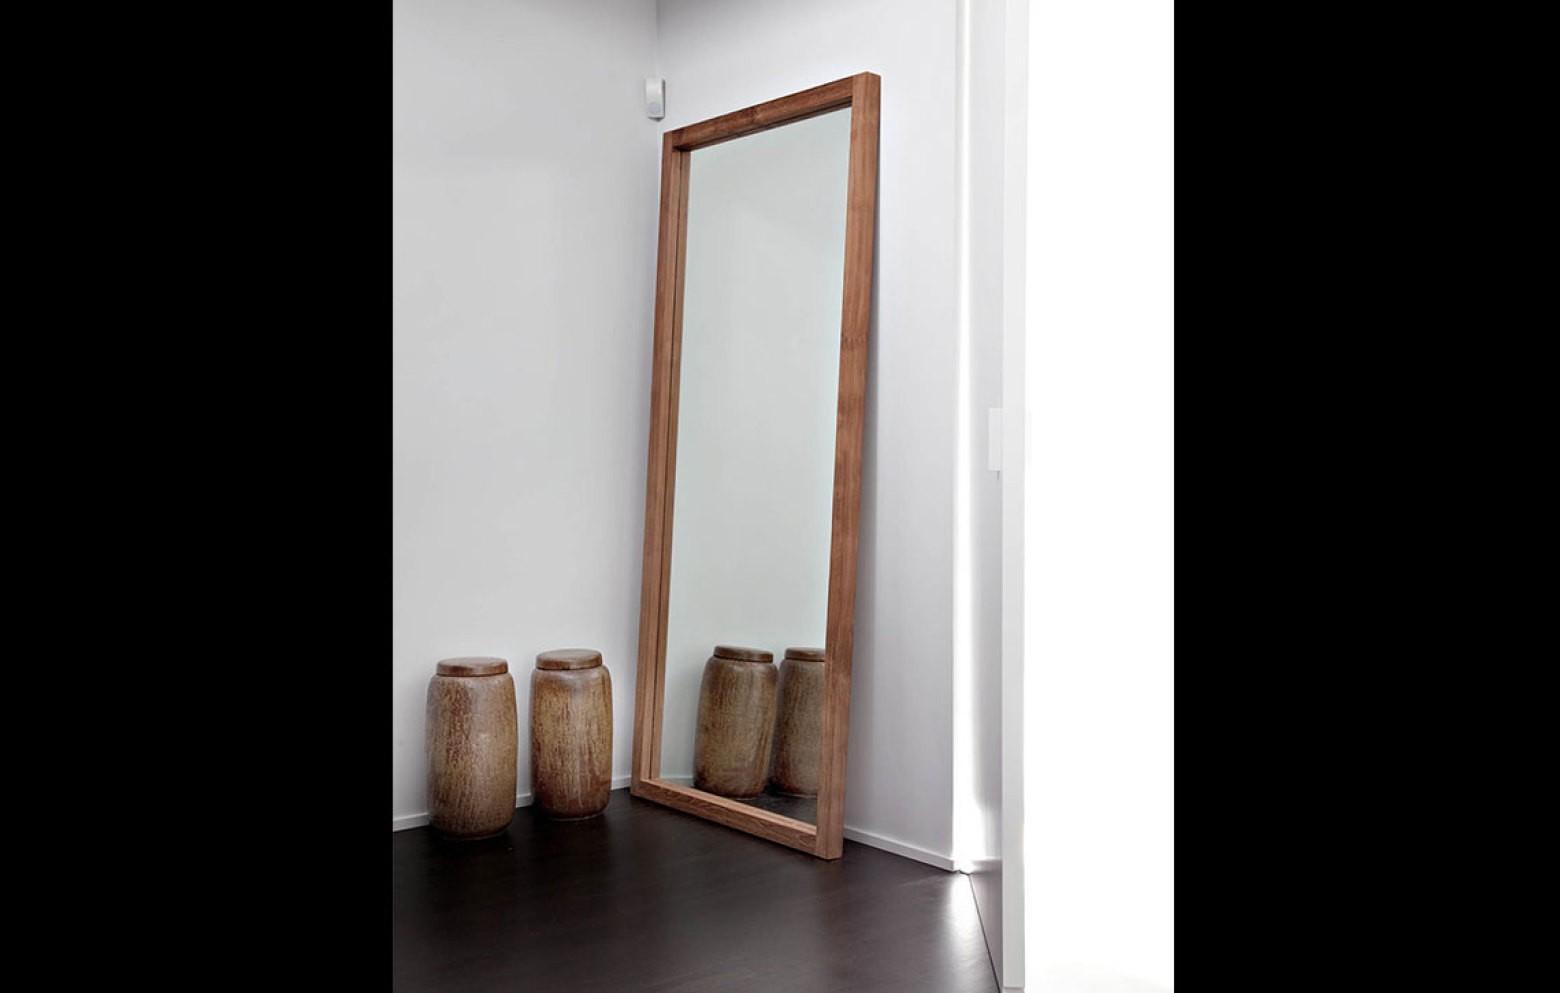 teak light frame spiegel spiegel kleinm bel accessoires who 39 s perfect. Black Bedroom Furniture Sets. Home Design Ideas